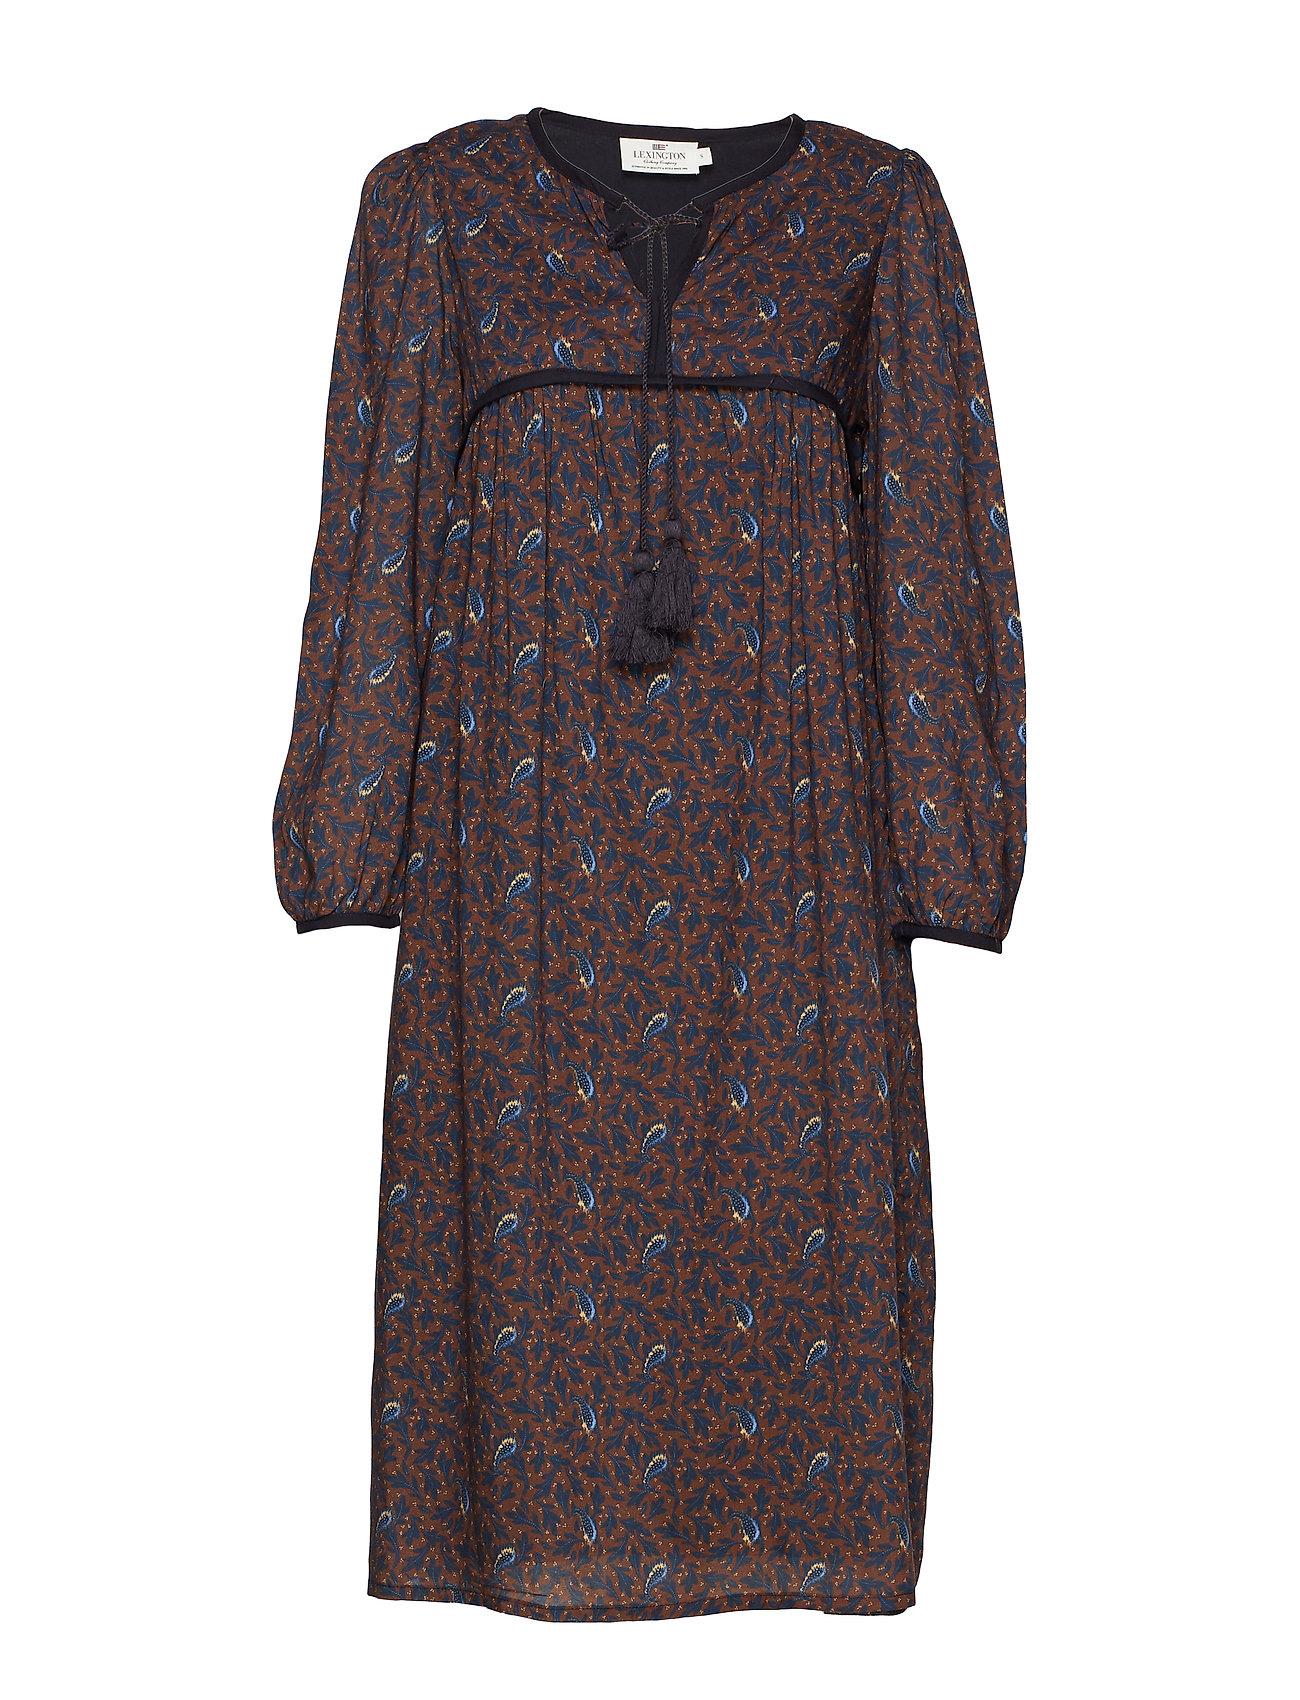 Lexington Clothing Nalia Dress - FEATHER PRINT